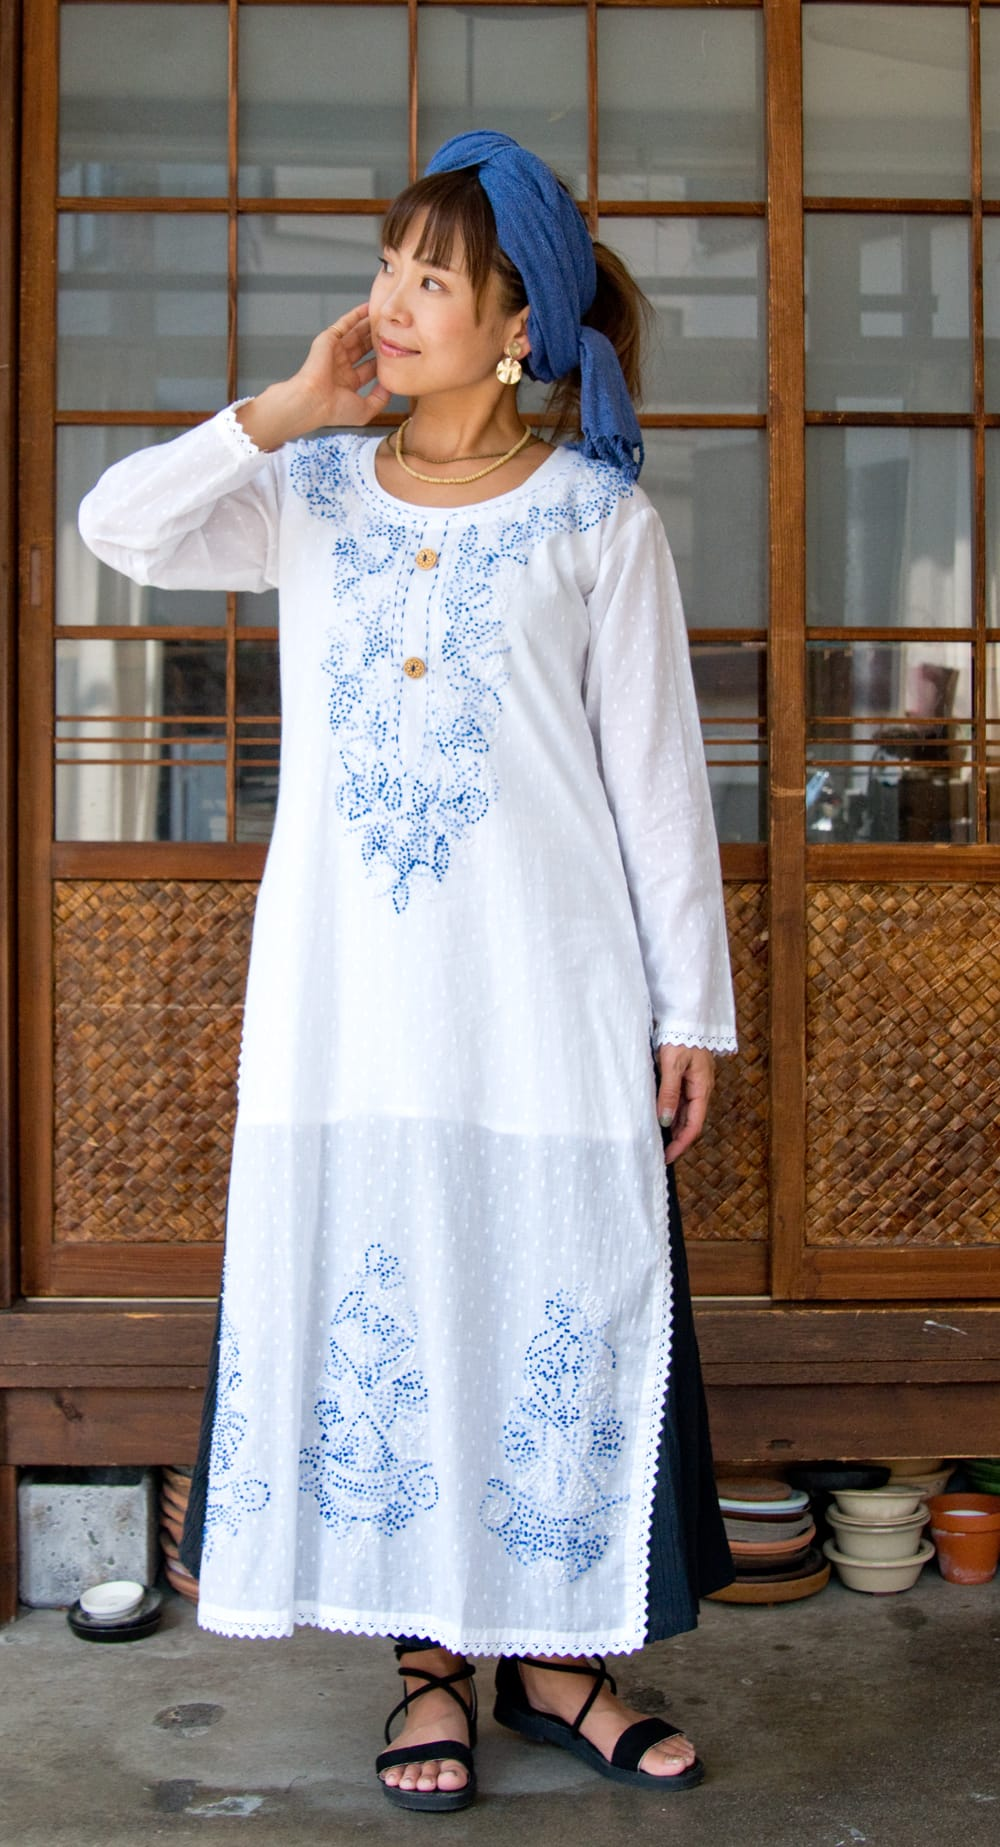 インナー付きが嬉しい!ホワイトドット生地の刺繍クルティ 7 - 身長152cmMサイズの着用例です。